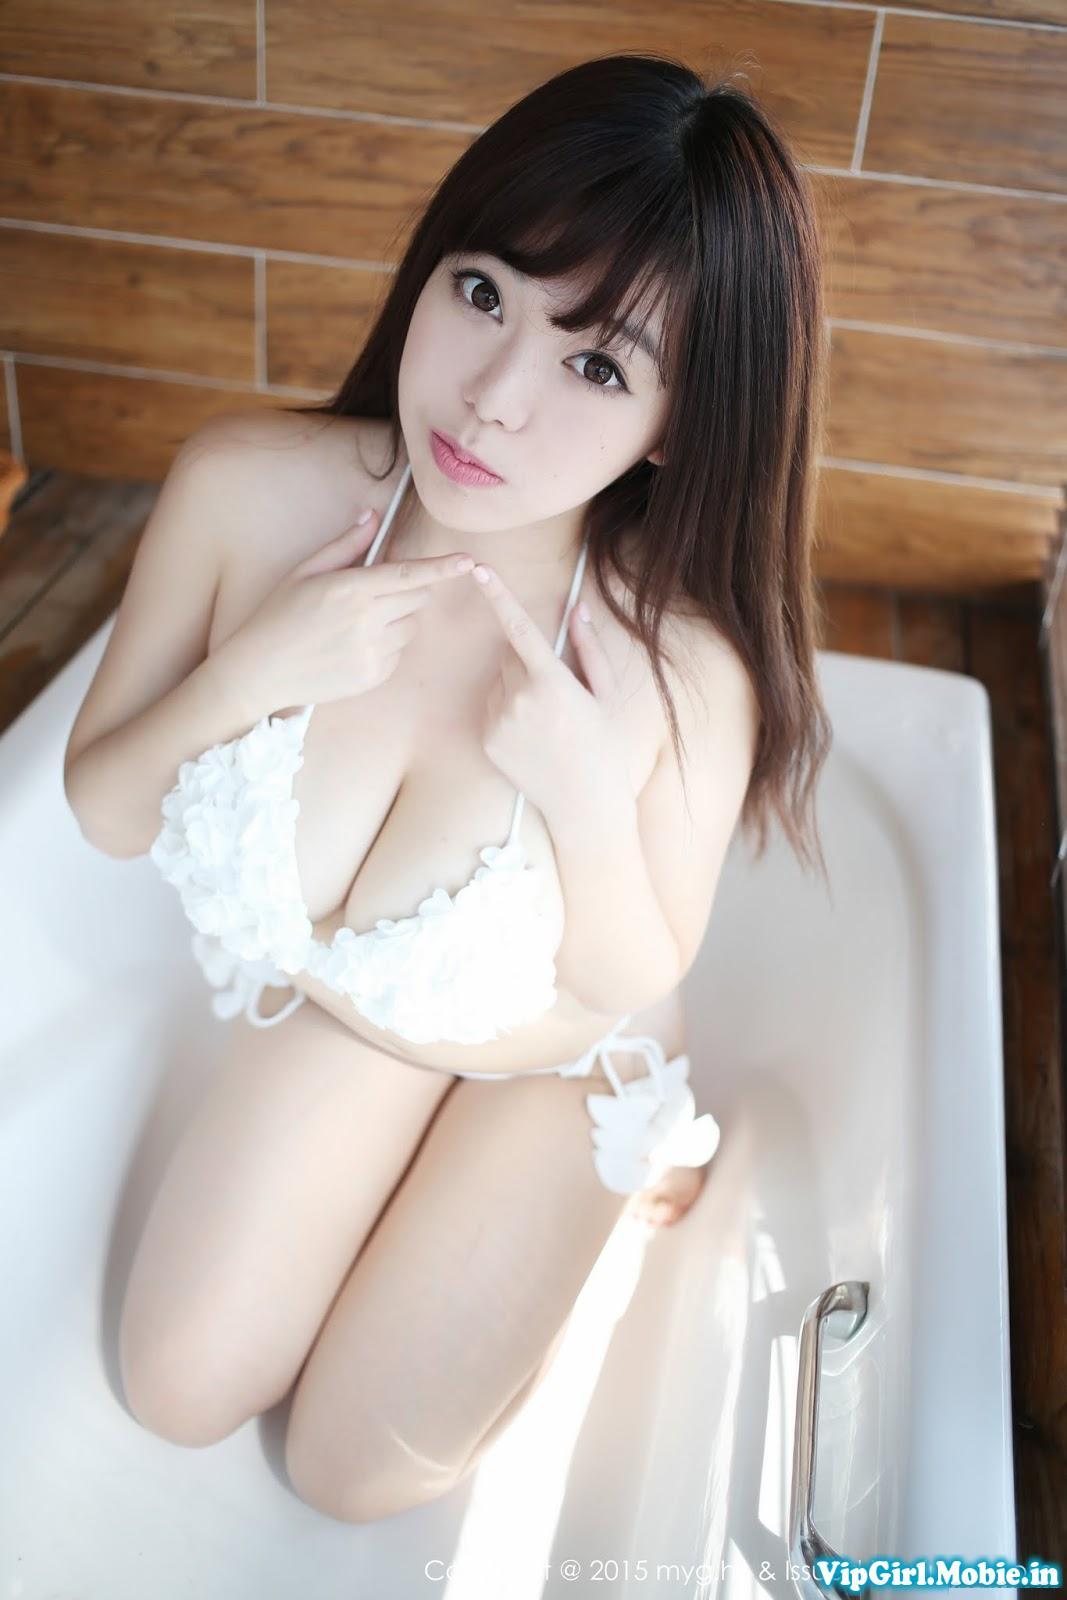 Gái Xinh Sexy Bikini Trung Quốc Ngực Khủng Mặt Siêu Dễ Thương p2